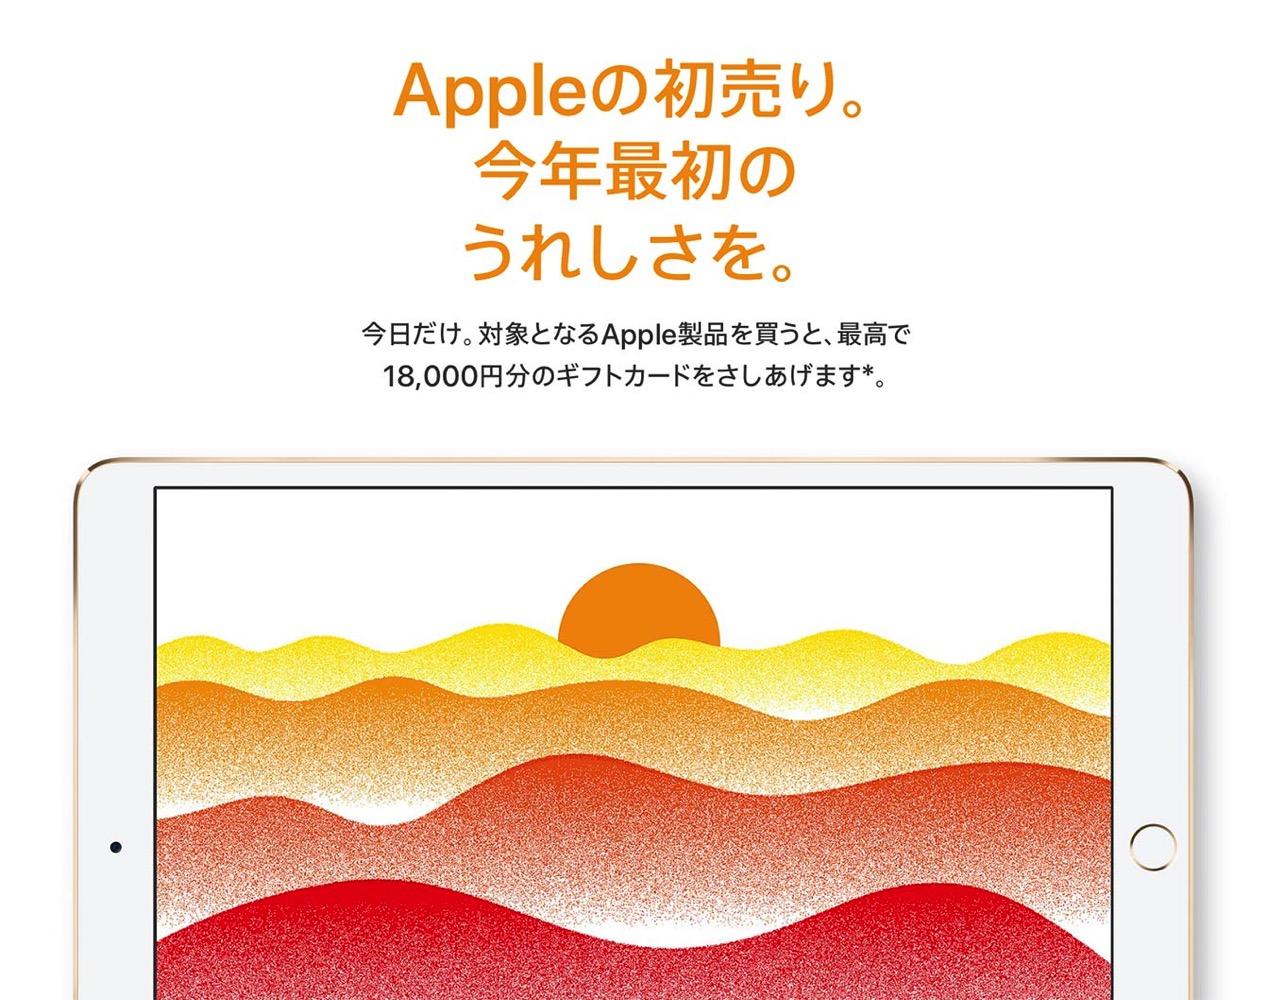 Applestorehatsuri